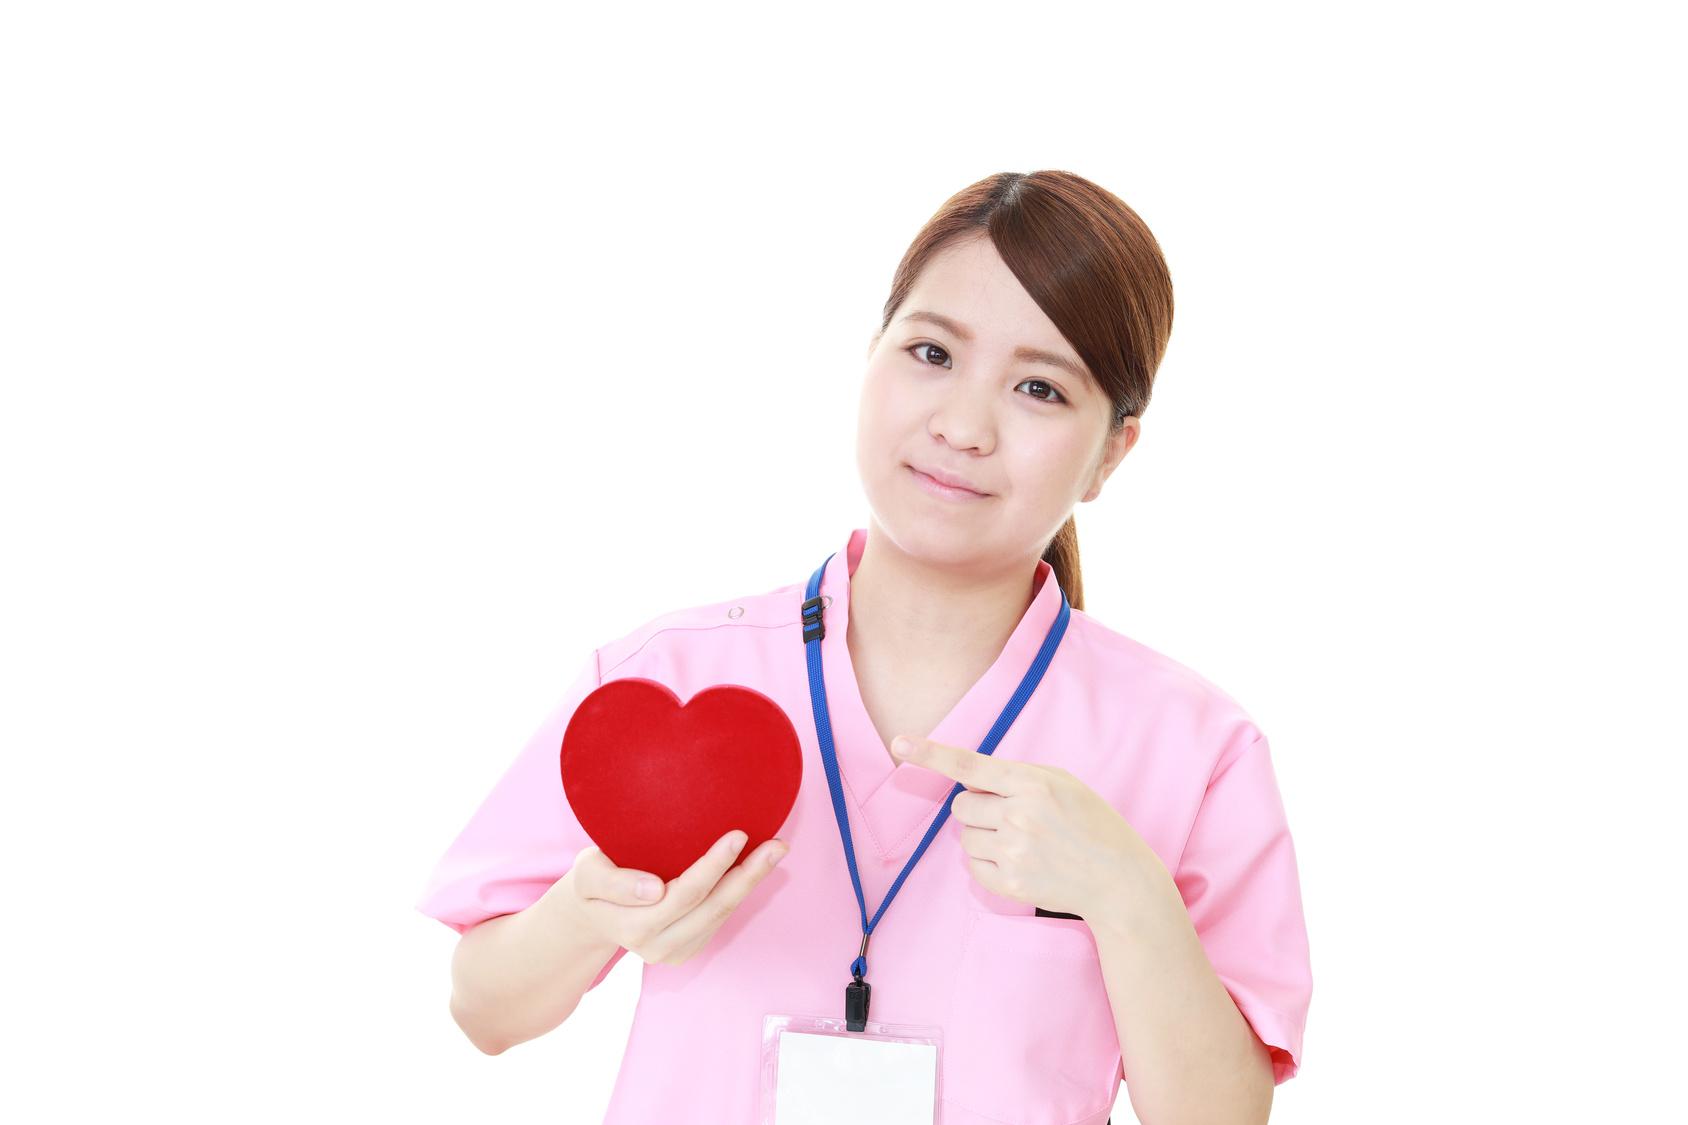 """心臓を栄養する血管が狭くなるから""""狭心症""""!?"""